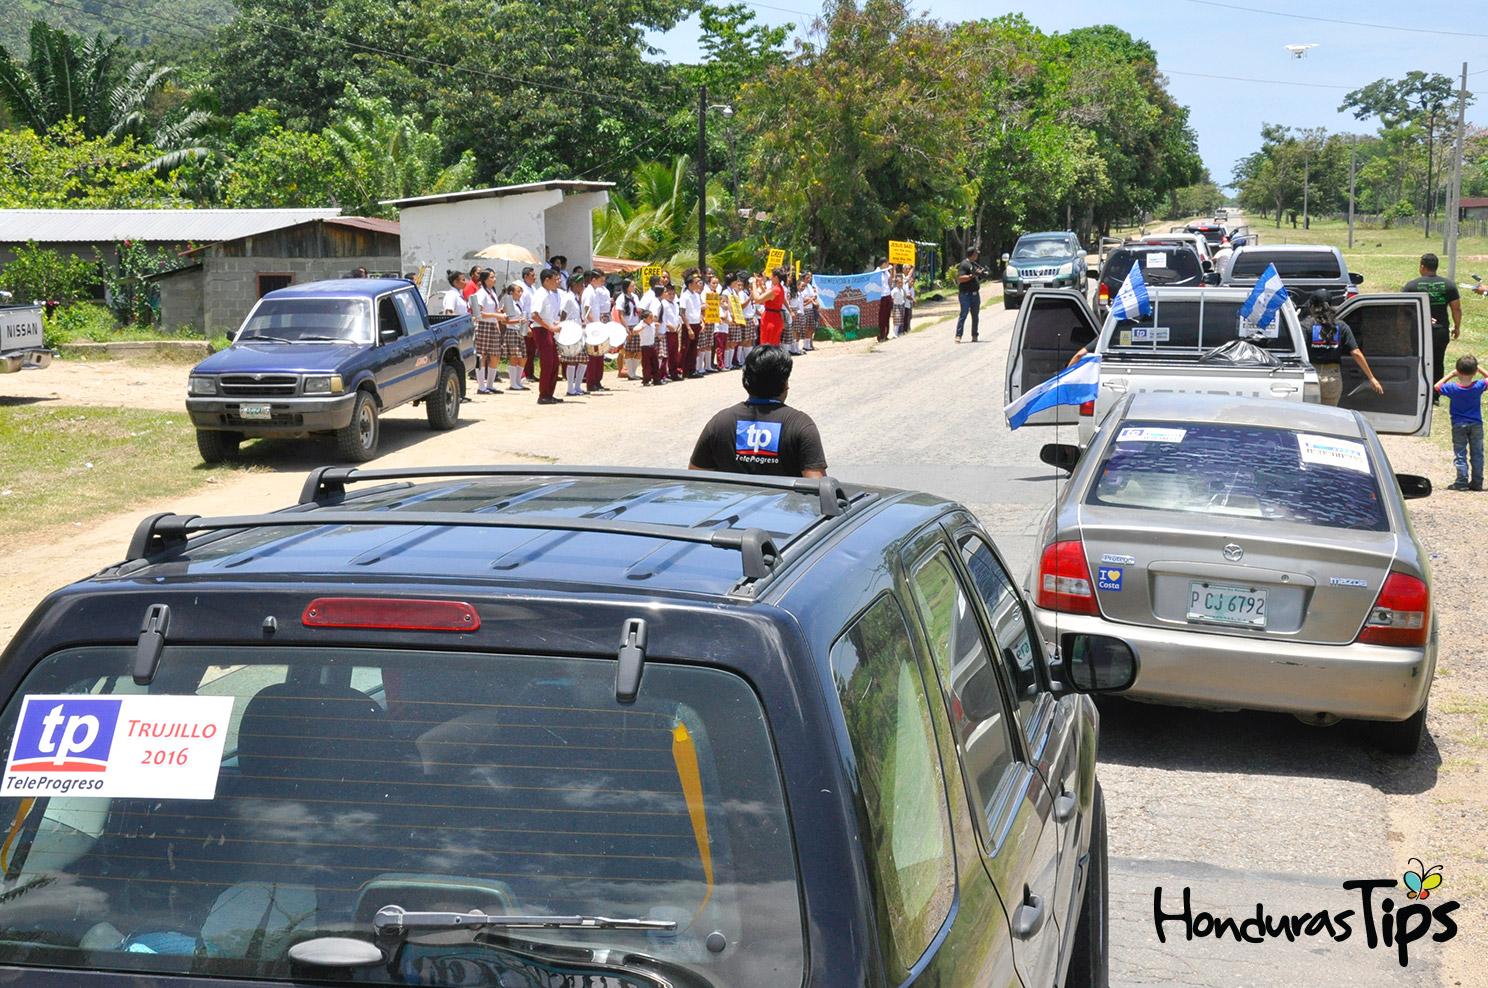 Estudiantes del instituto ELIM fueron los primeros en recibir a los visitantes de Caravana de Identidad.